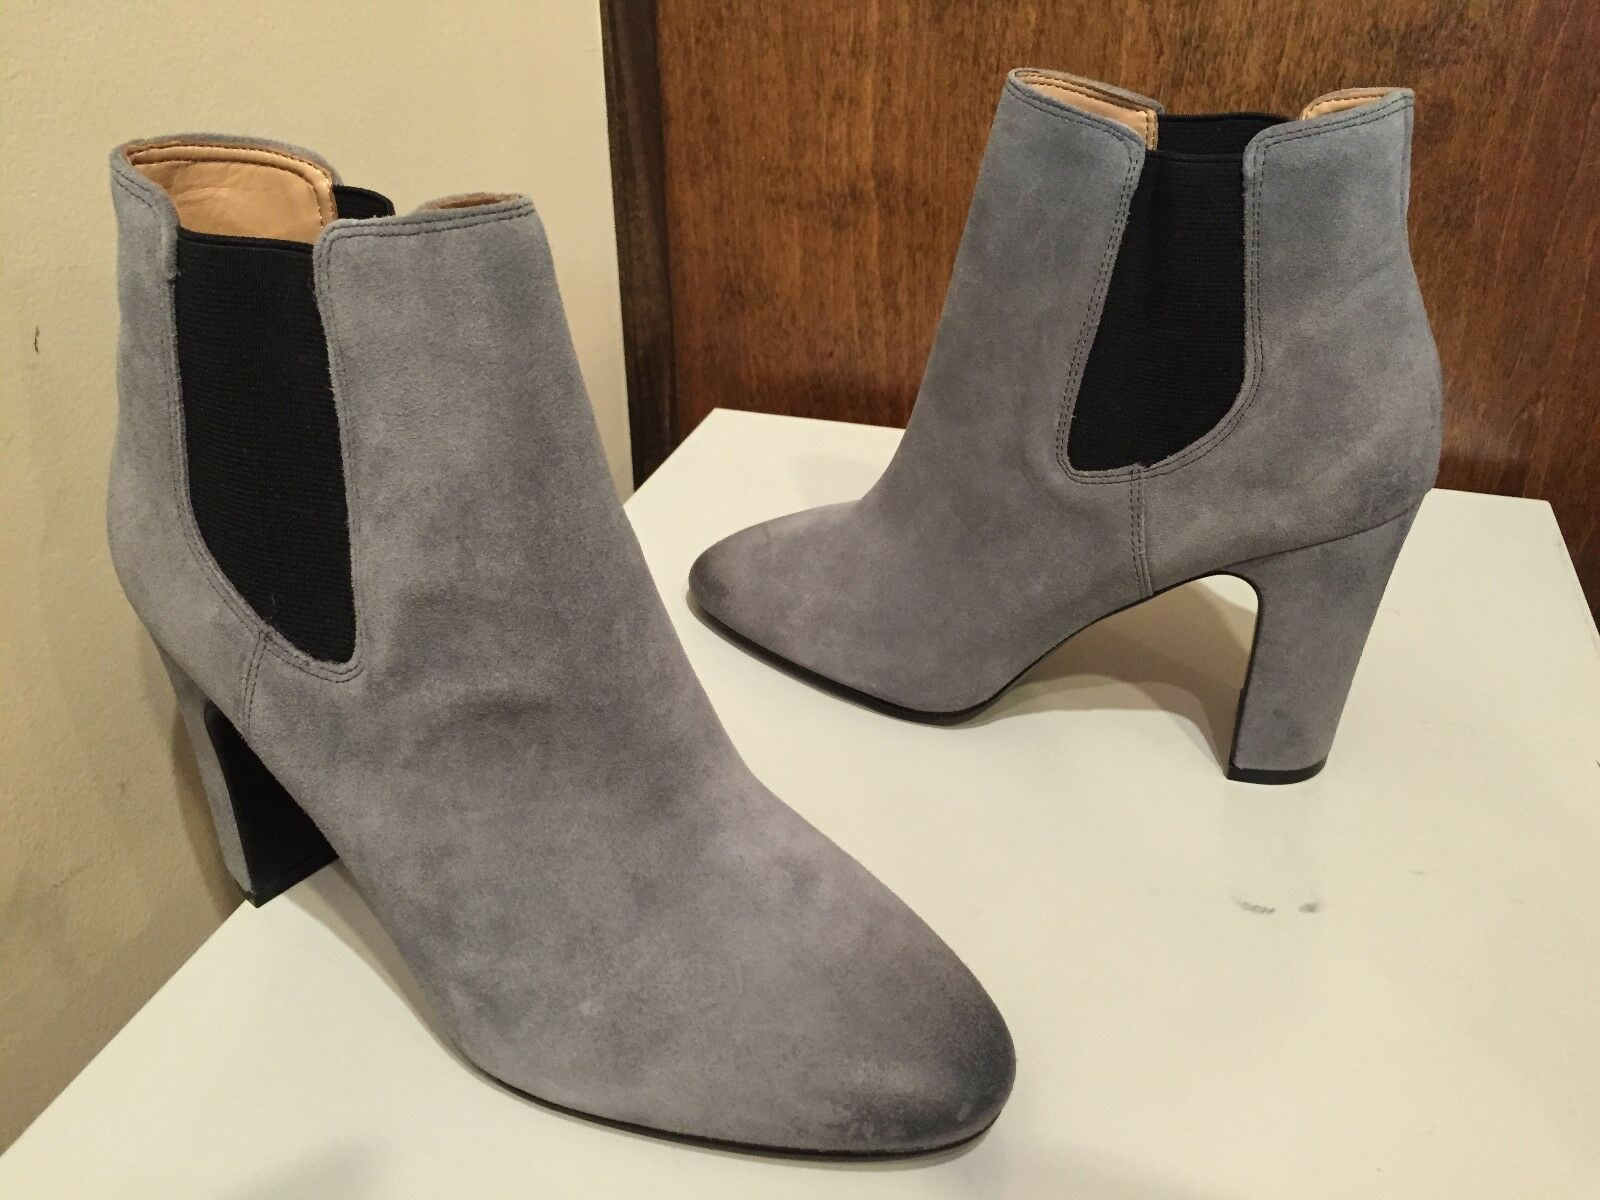 Banana Republic Belinda Chelsea botas, gris Urbano gris botas, Talla 8.5 M 87d6f2